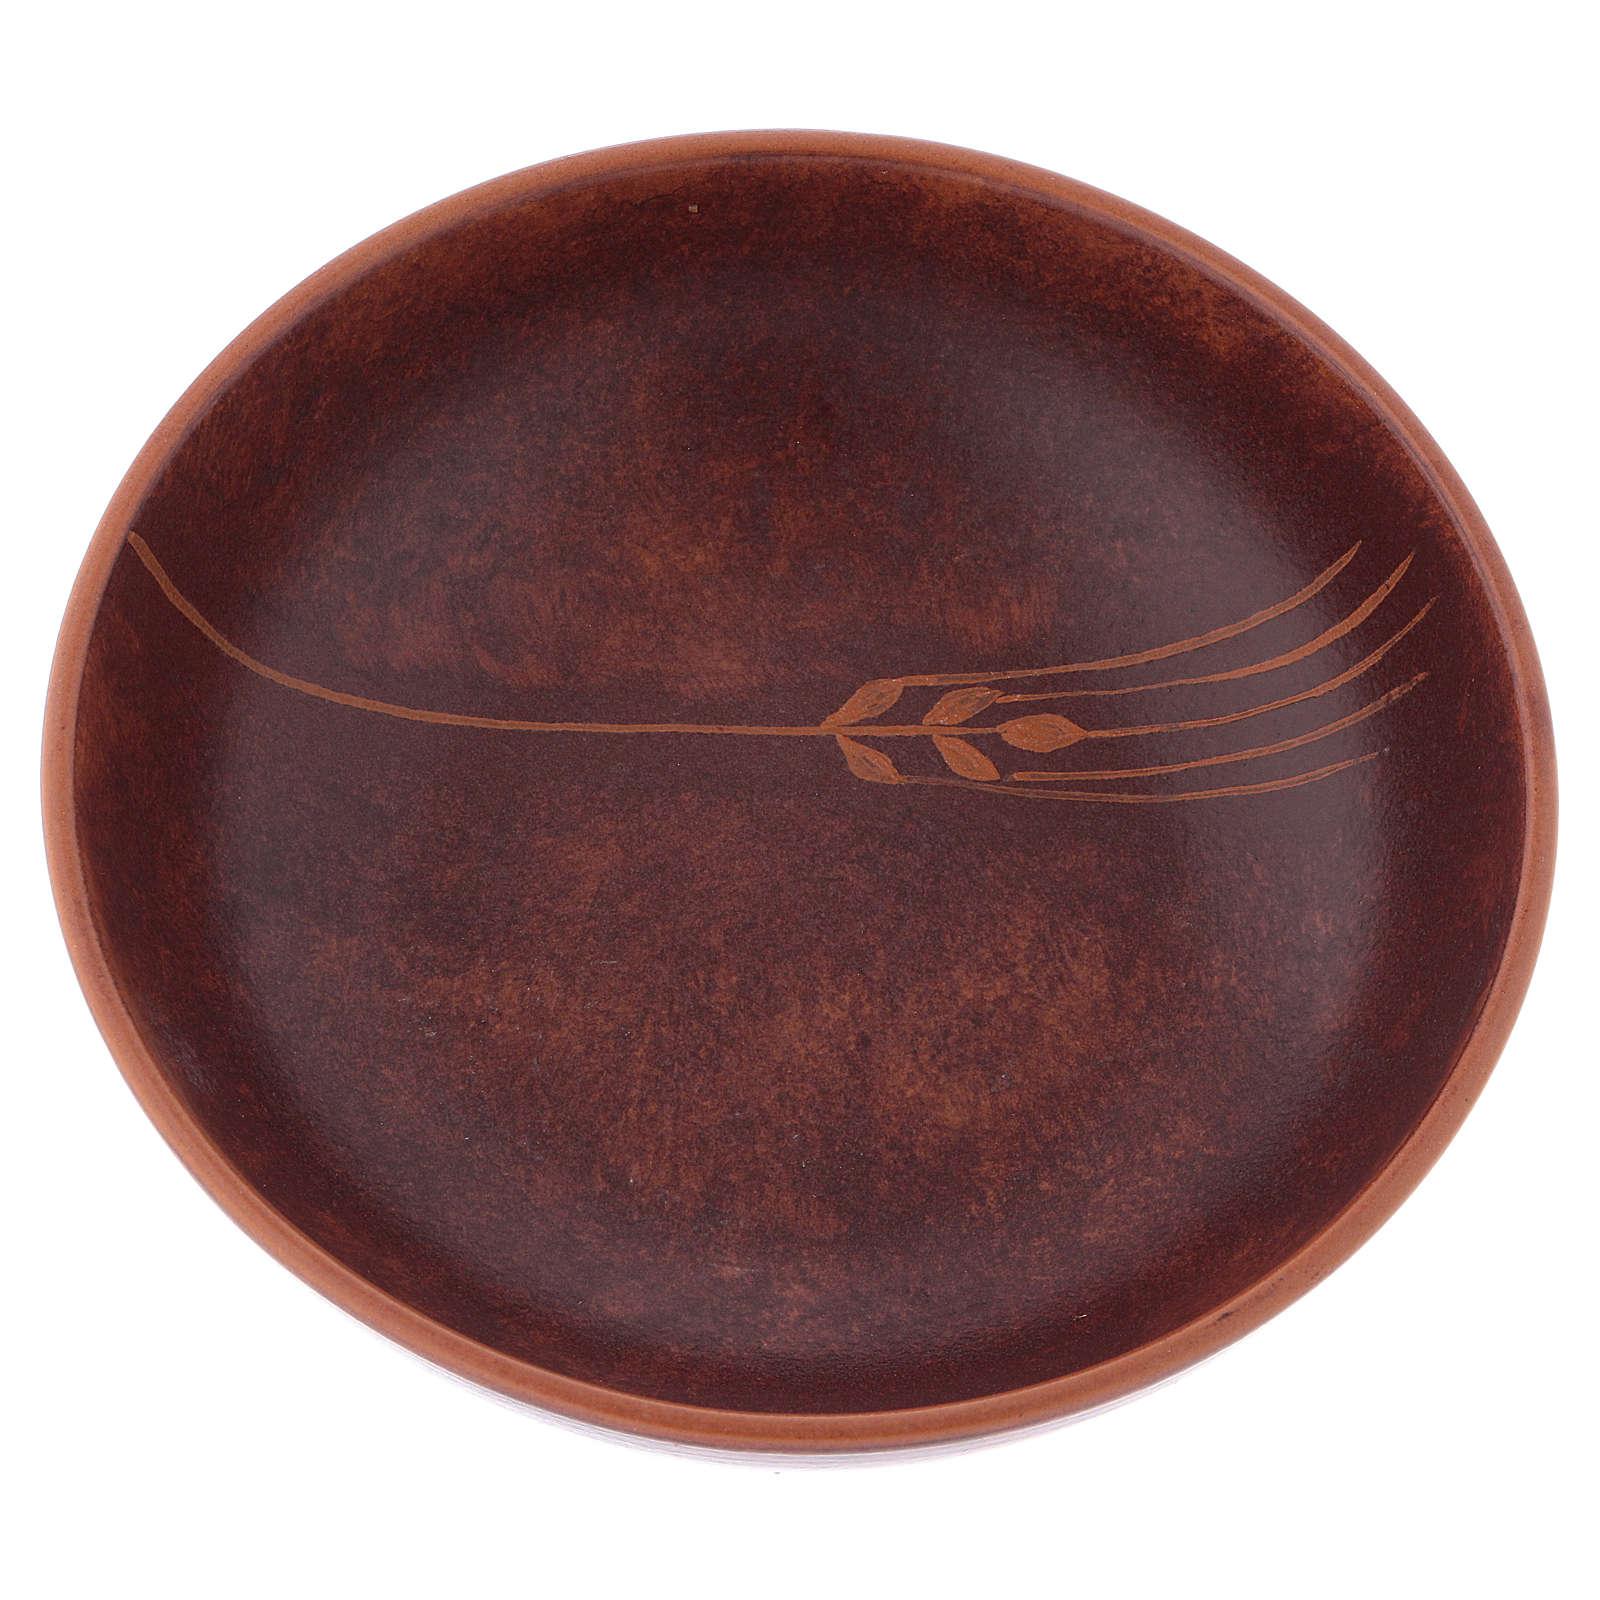 Patena ceramica diam 16 cm cuoio 4